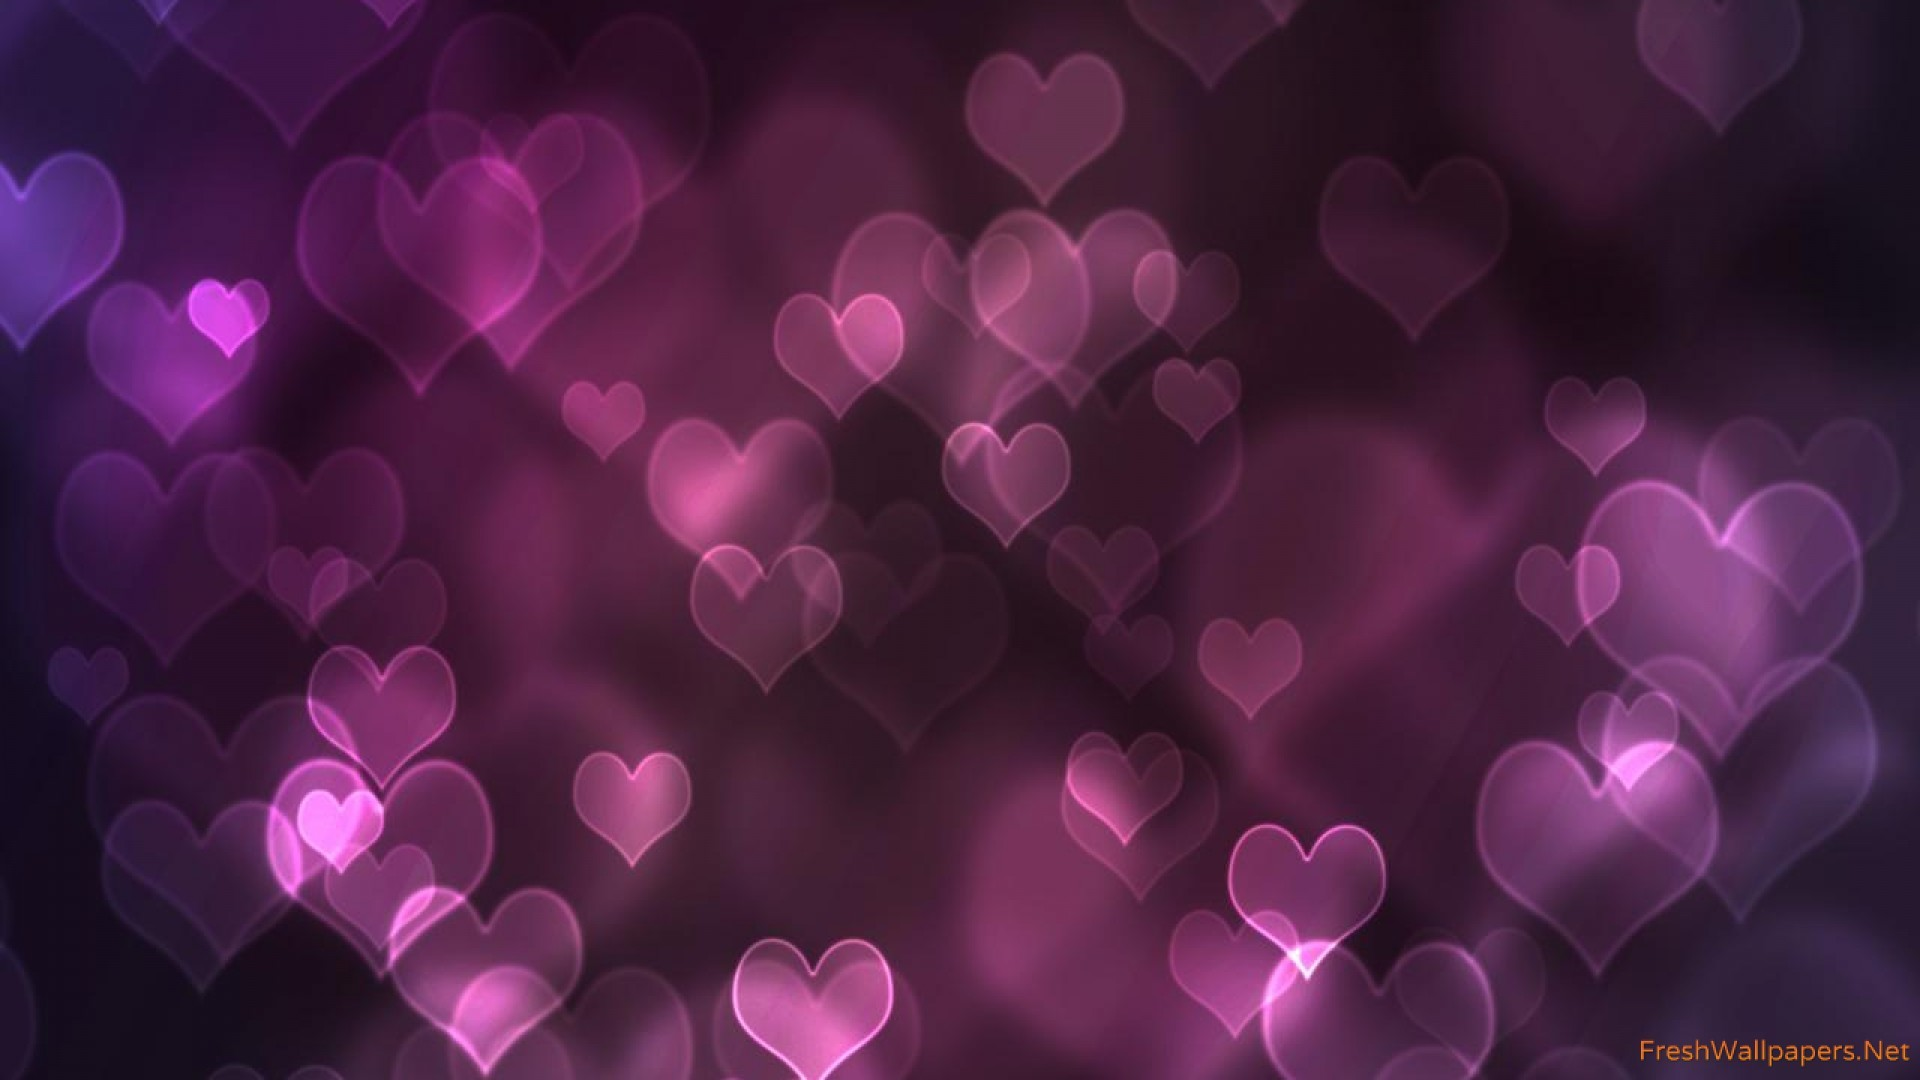 purple-hearts-love Wallpaper: 1920×1080